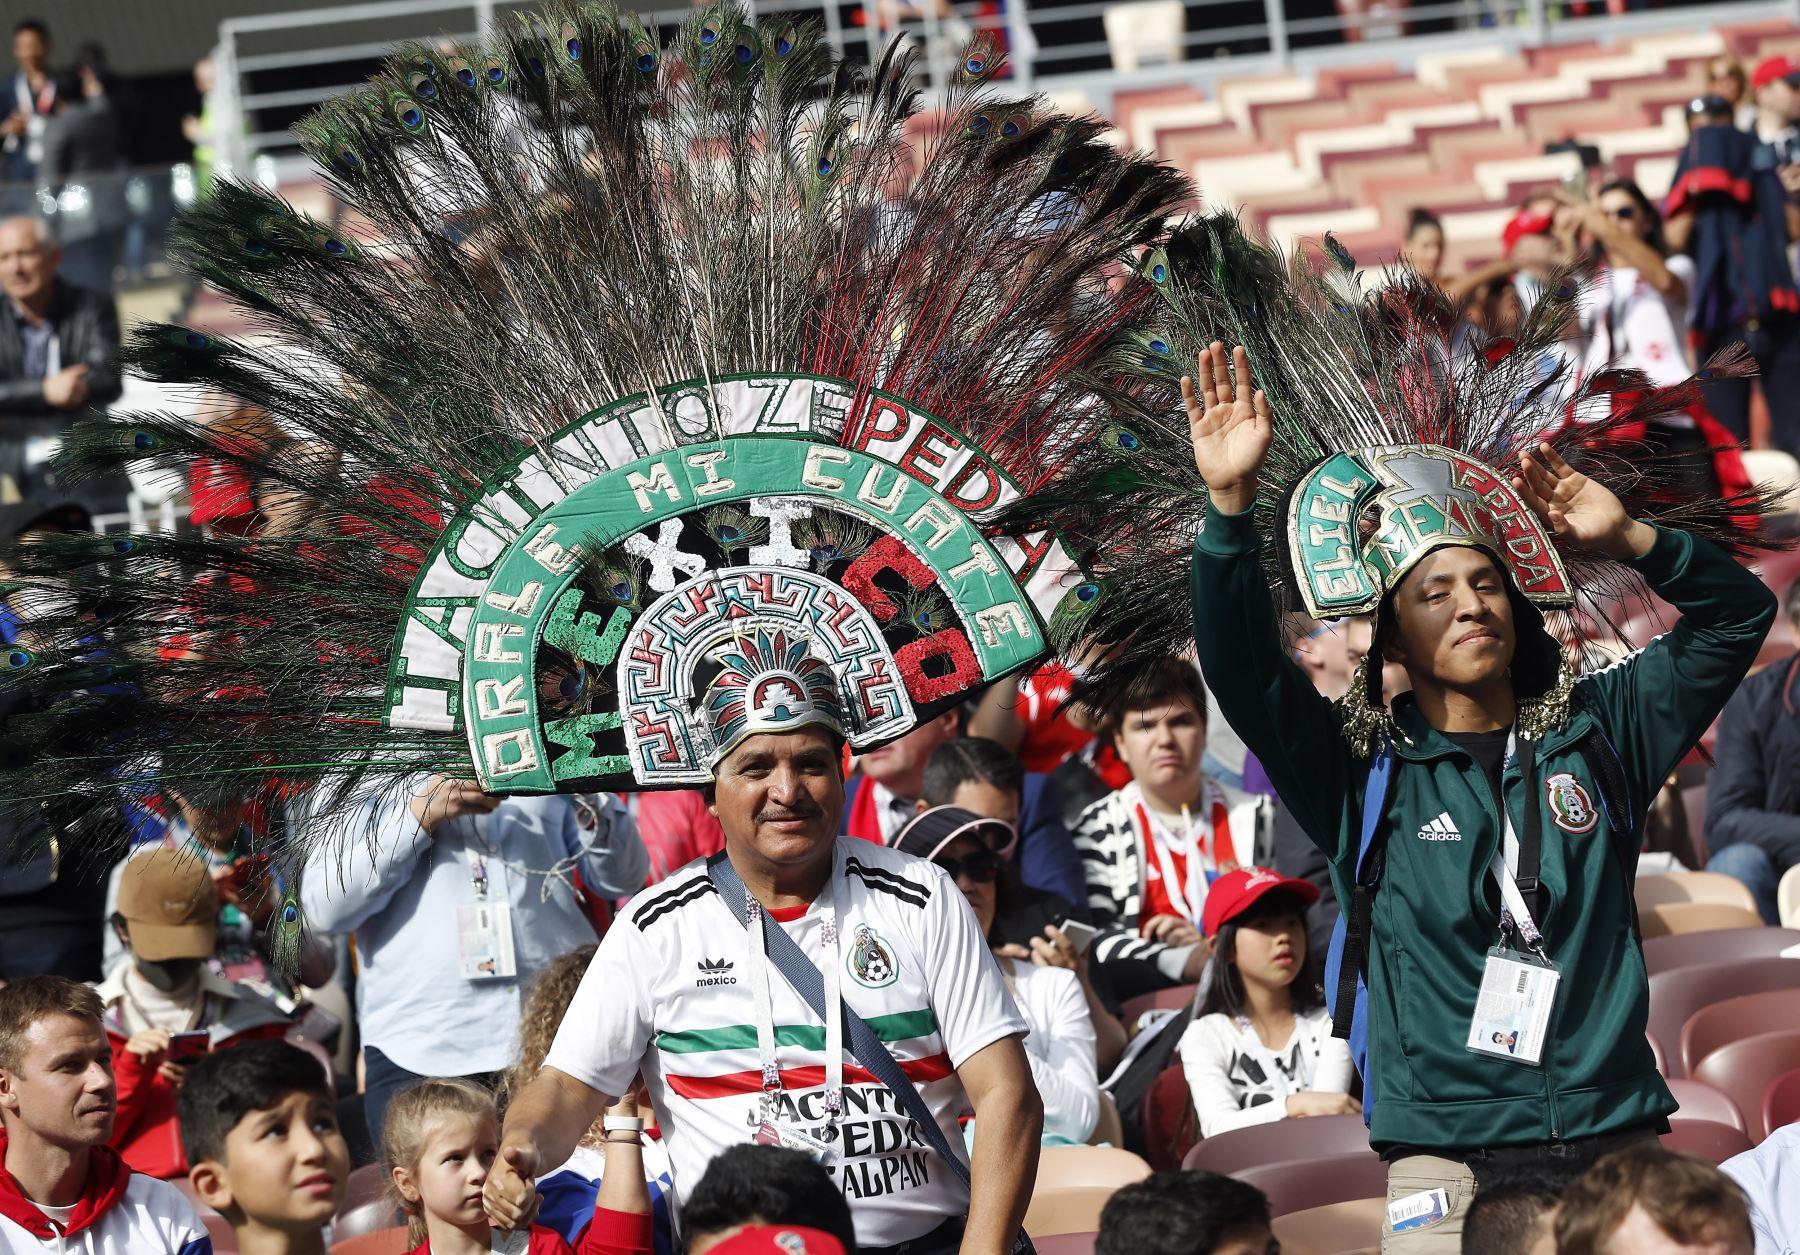 Partidarios de México antes del partido de la Copa Mundial de la FIFA 2018 Un partido de fútbol preliminar entre Rusia y Arabia Saudita en Moscú. Foto: EFE